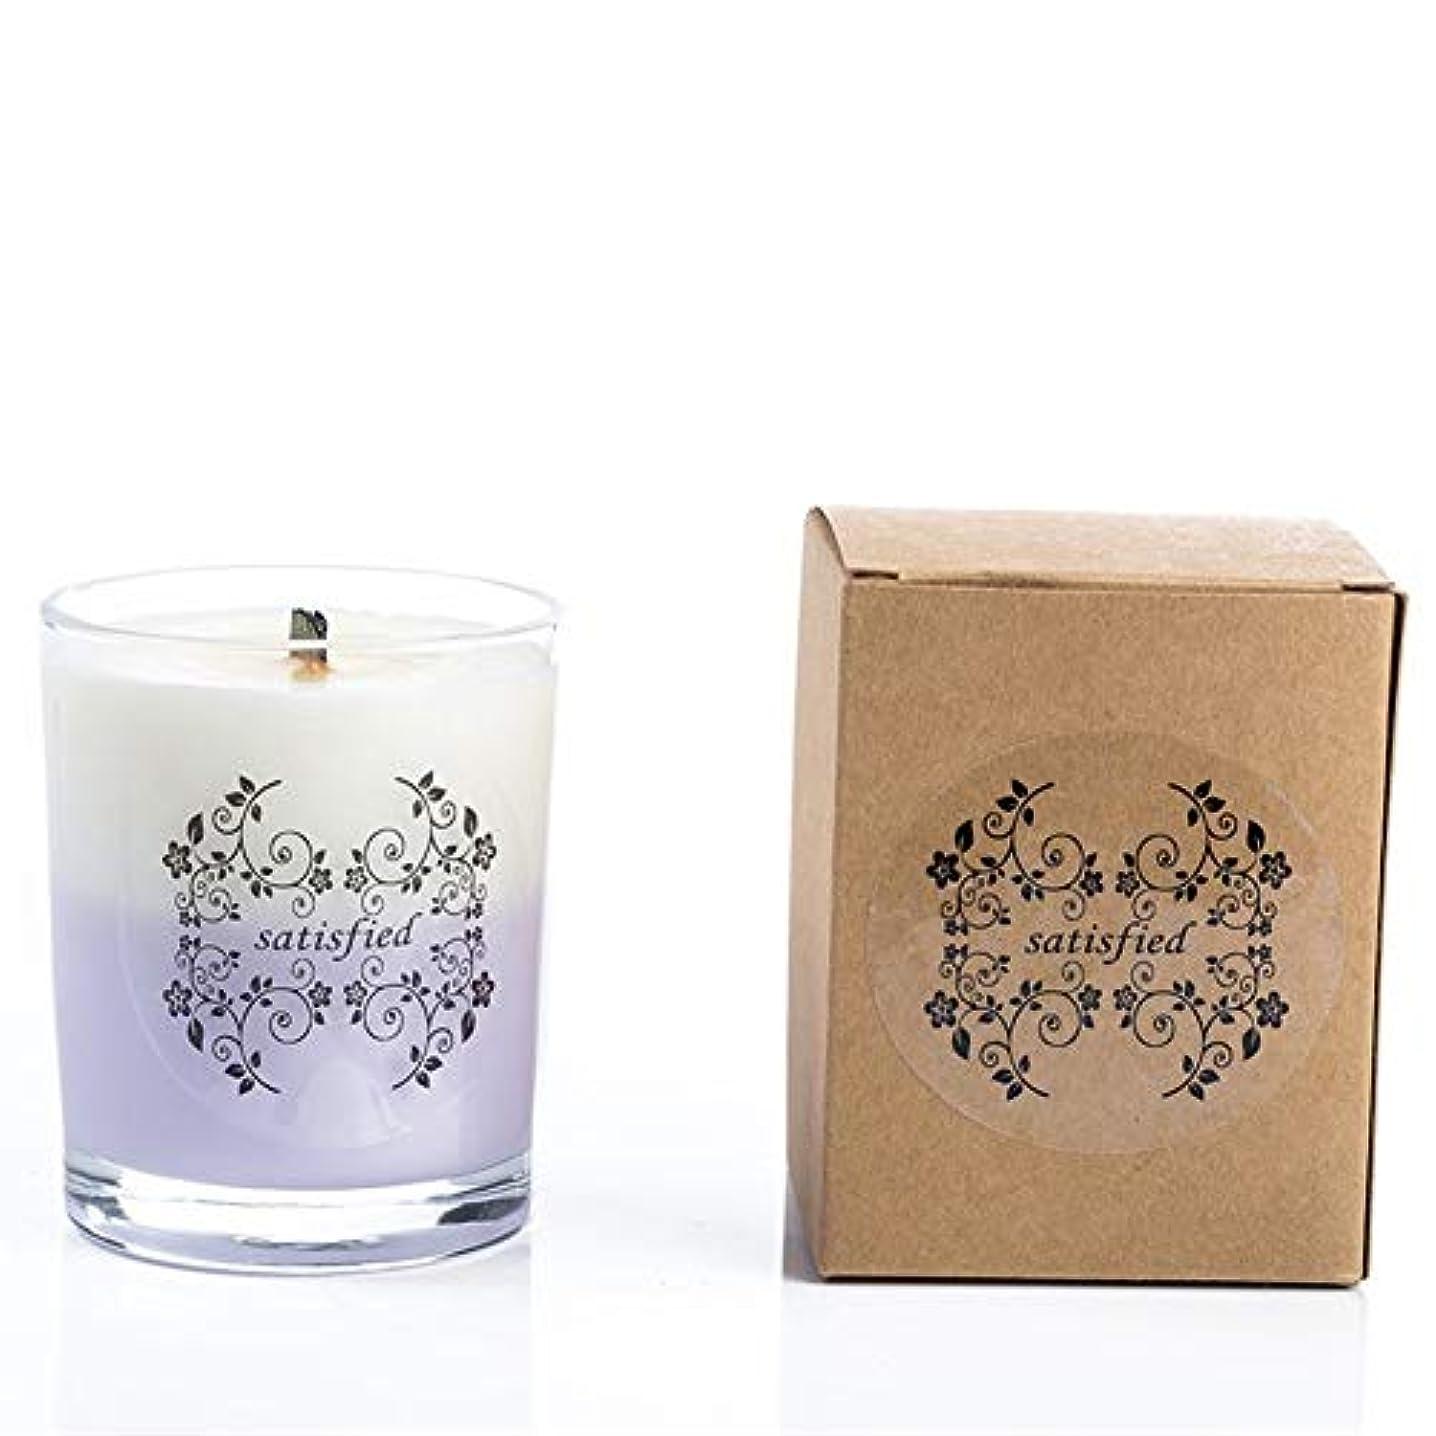 評論家手配する摘むGuomao ガラスのツートンの香料入りの蝋燭のハンドメイドの無煙の香りの家の香料入りの蝋燭 (色 : Grapefruit)